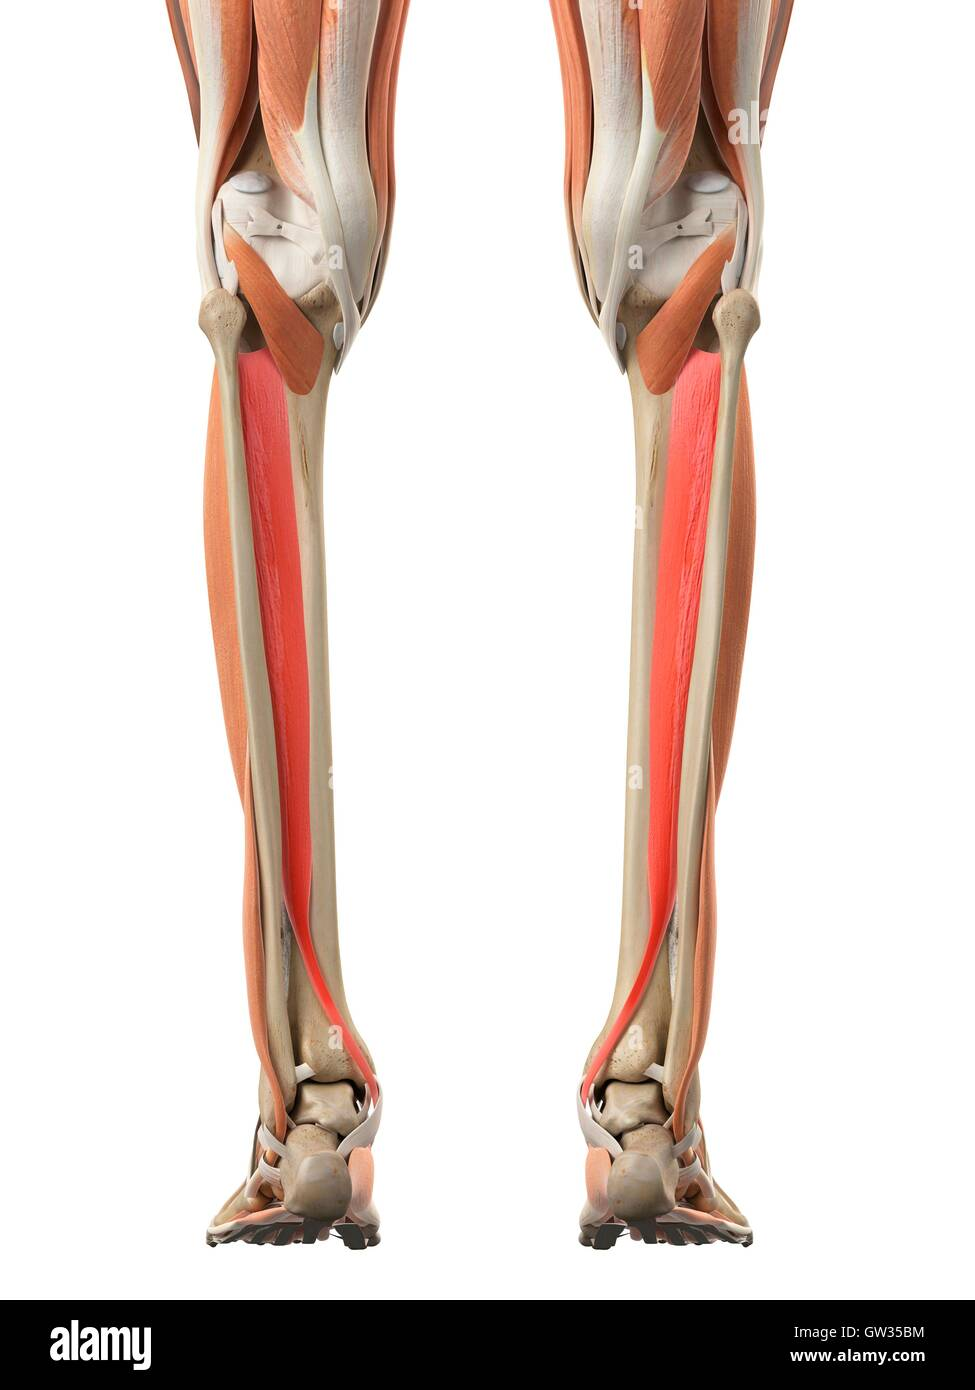 Erfreut Alle Beinmuskeln Bilder - Menschliche Anatomie Bilder ...